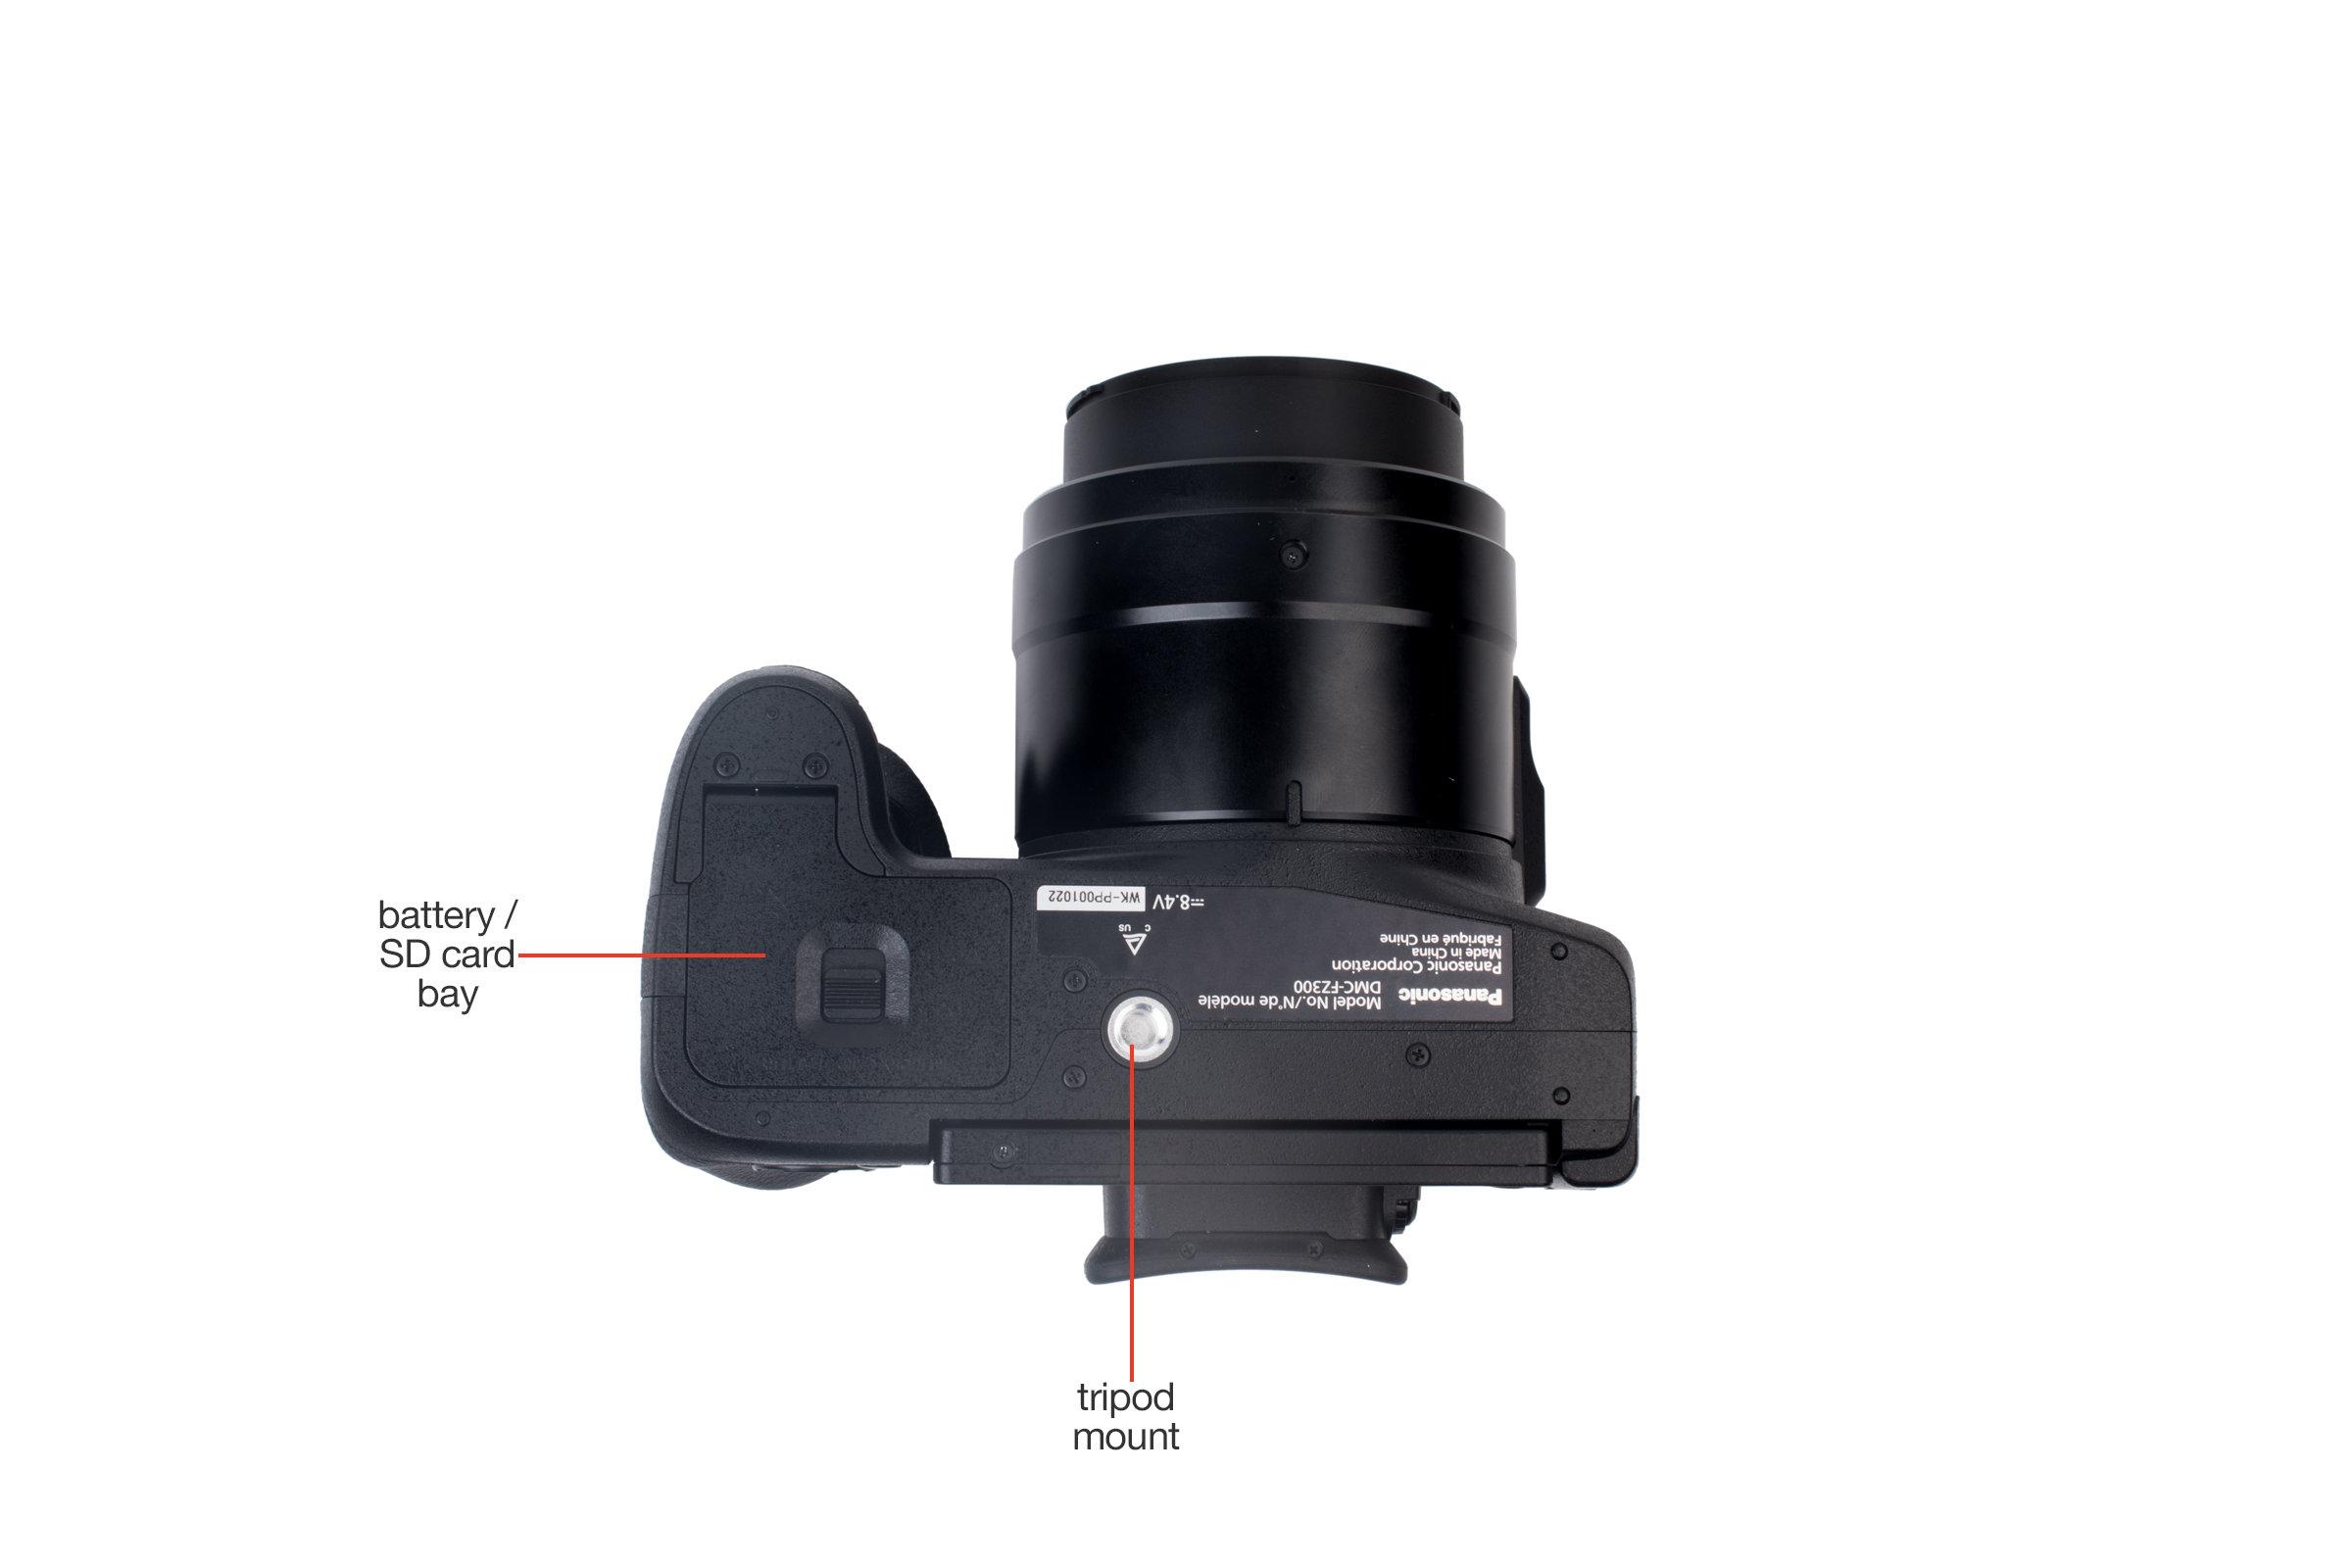 Bottom view of the Panasonic Lumix DMC-FZ300.